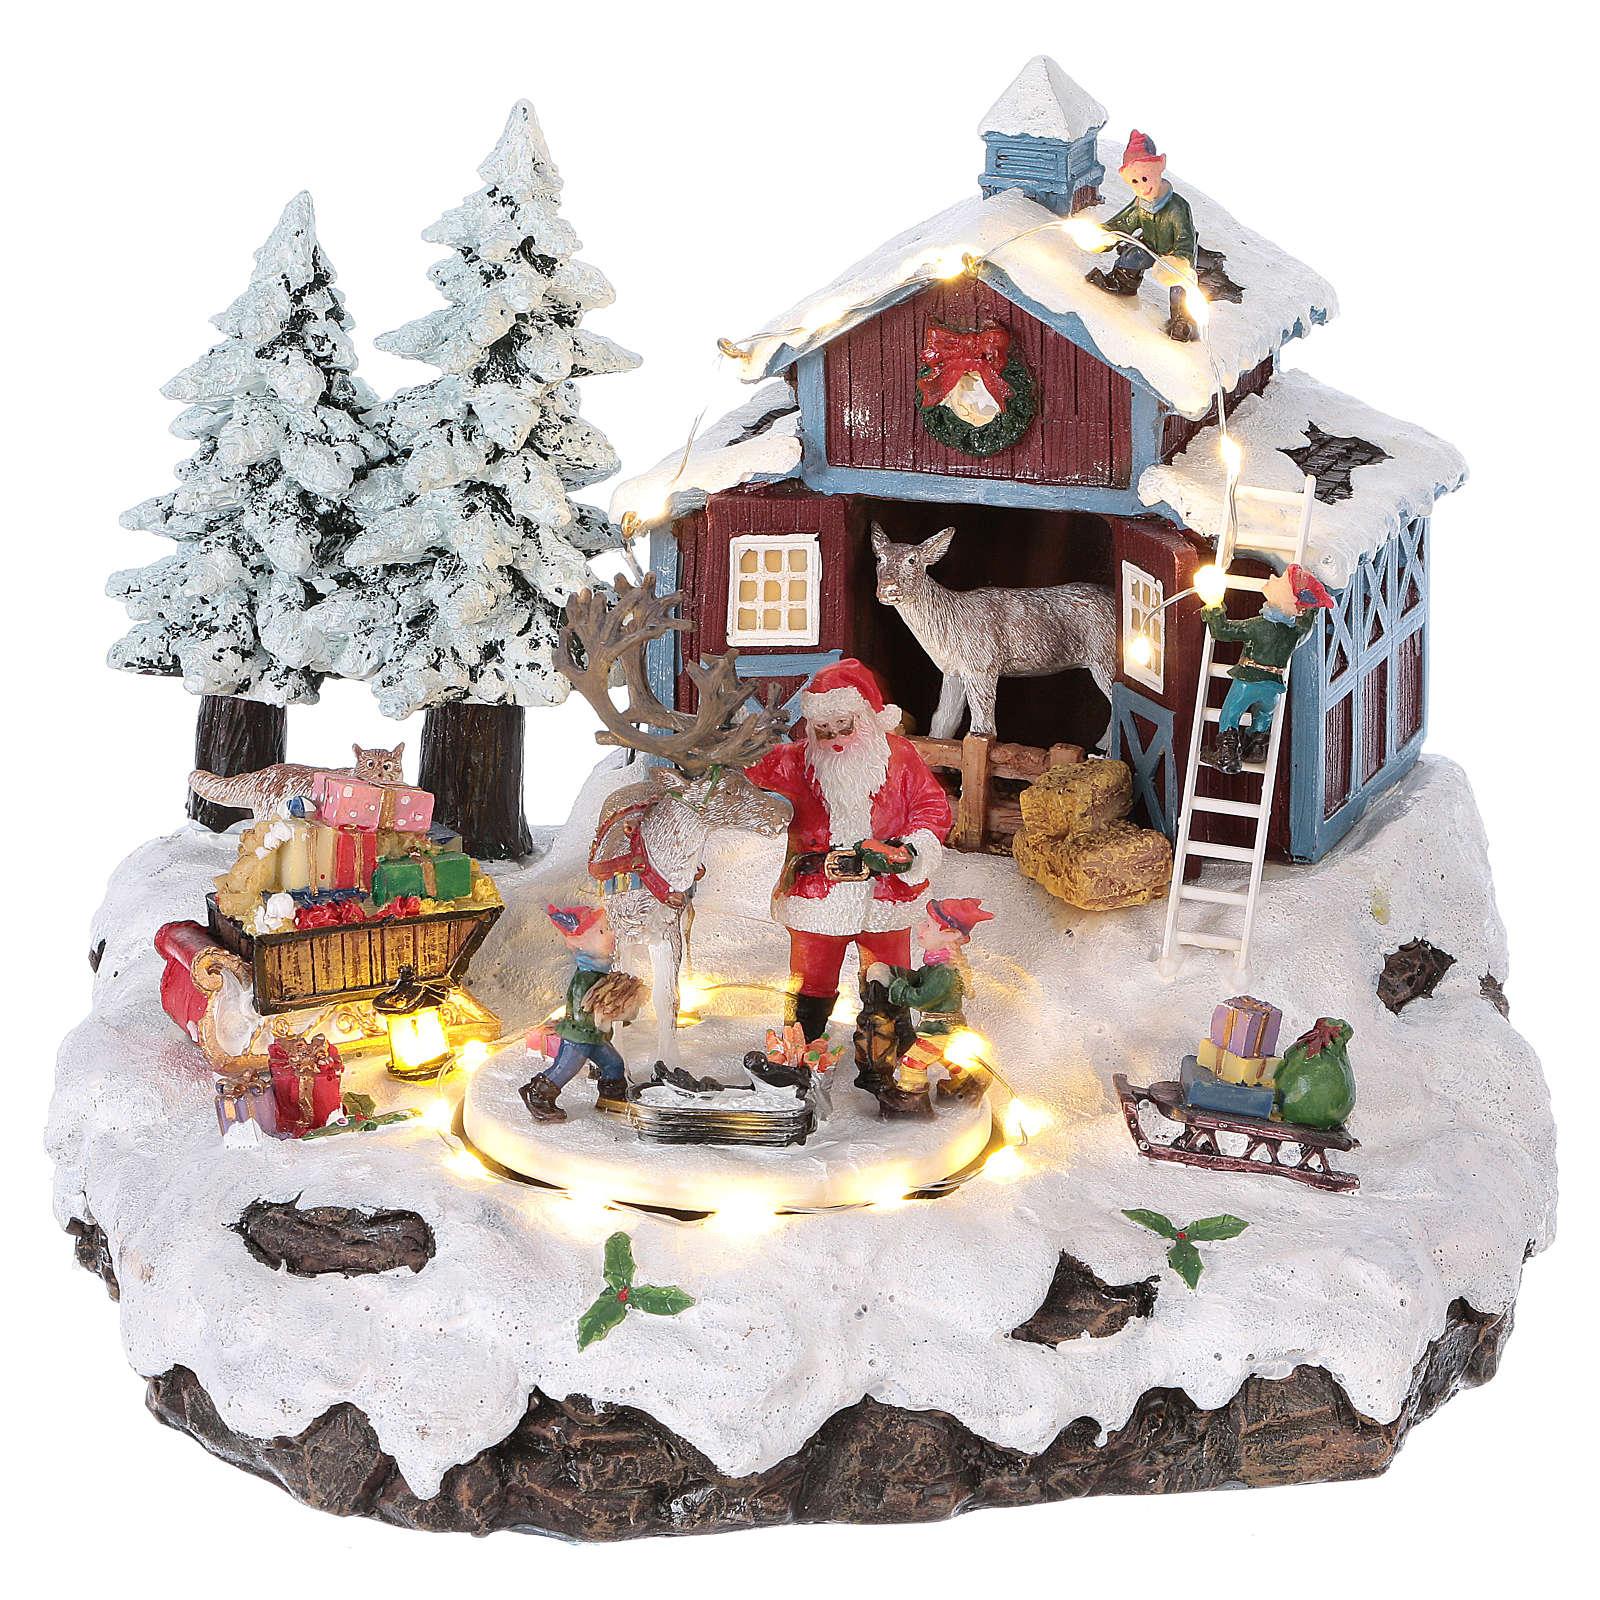 Immagini Natale Movimento.Dettagli Su Villaggio Di Natale Babbo Natale Regali 20x25x20 Cm Luci Movimento Musica Corren